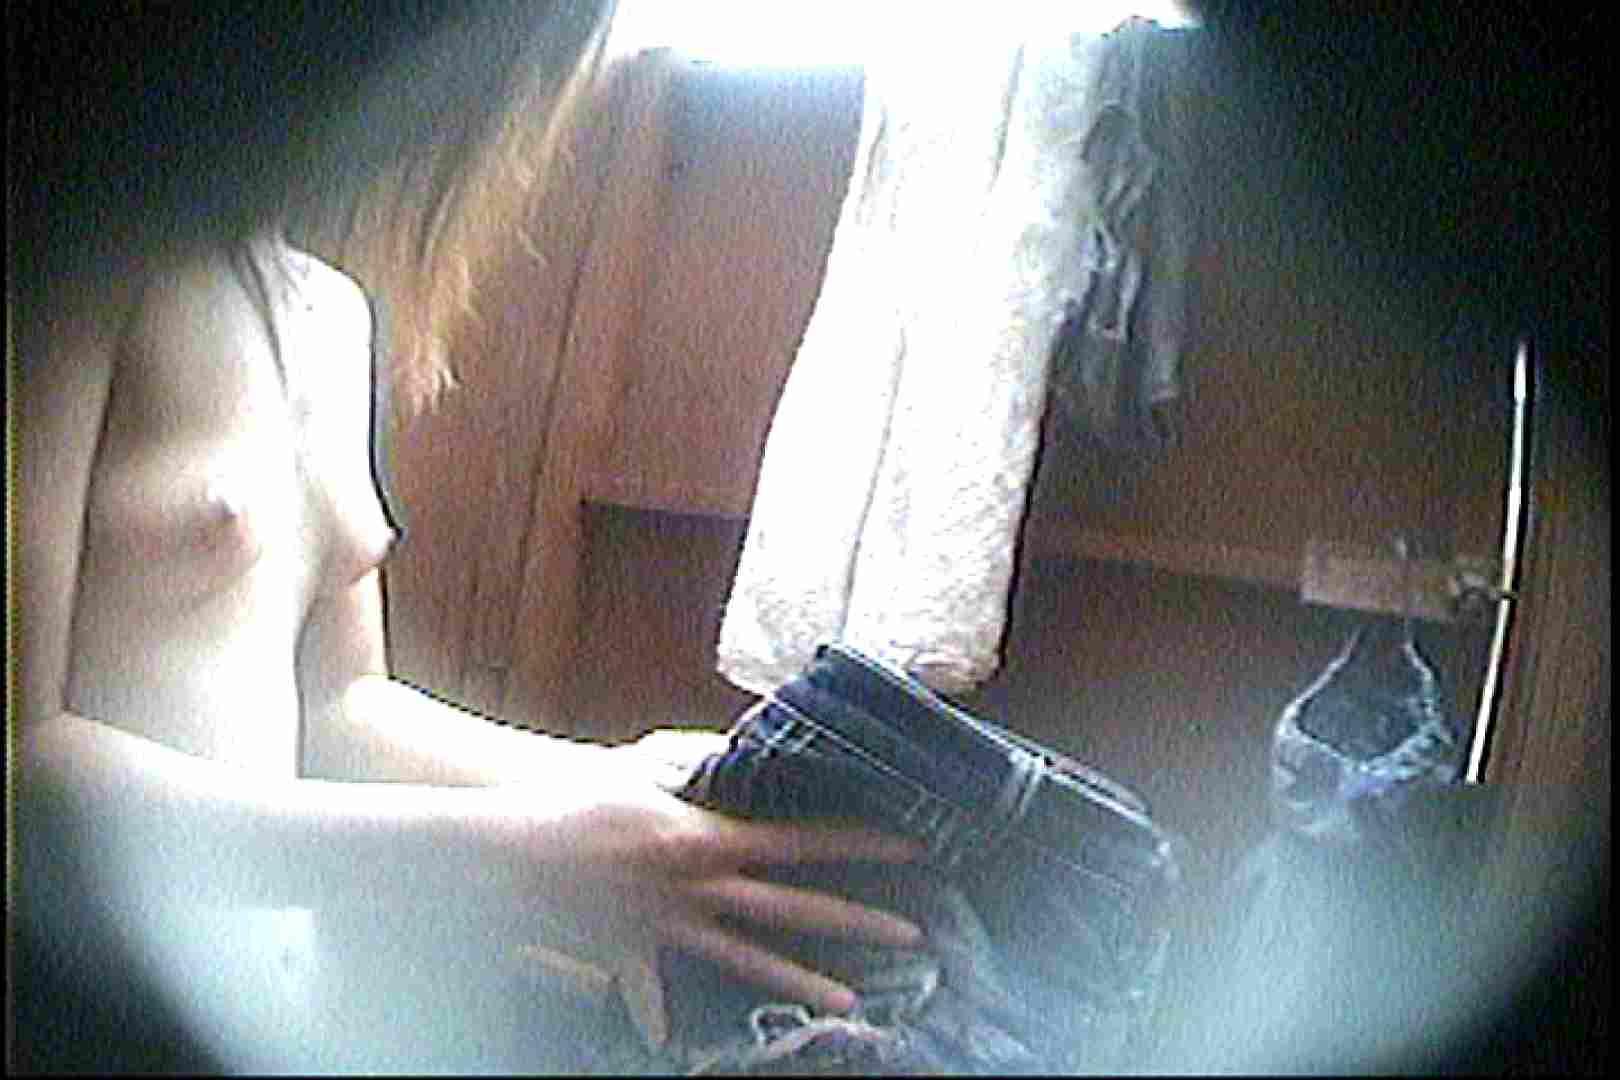 海の家の更衣室 Vol.27 日焼けした肌 ヌード画像 89画像 83